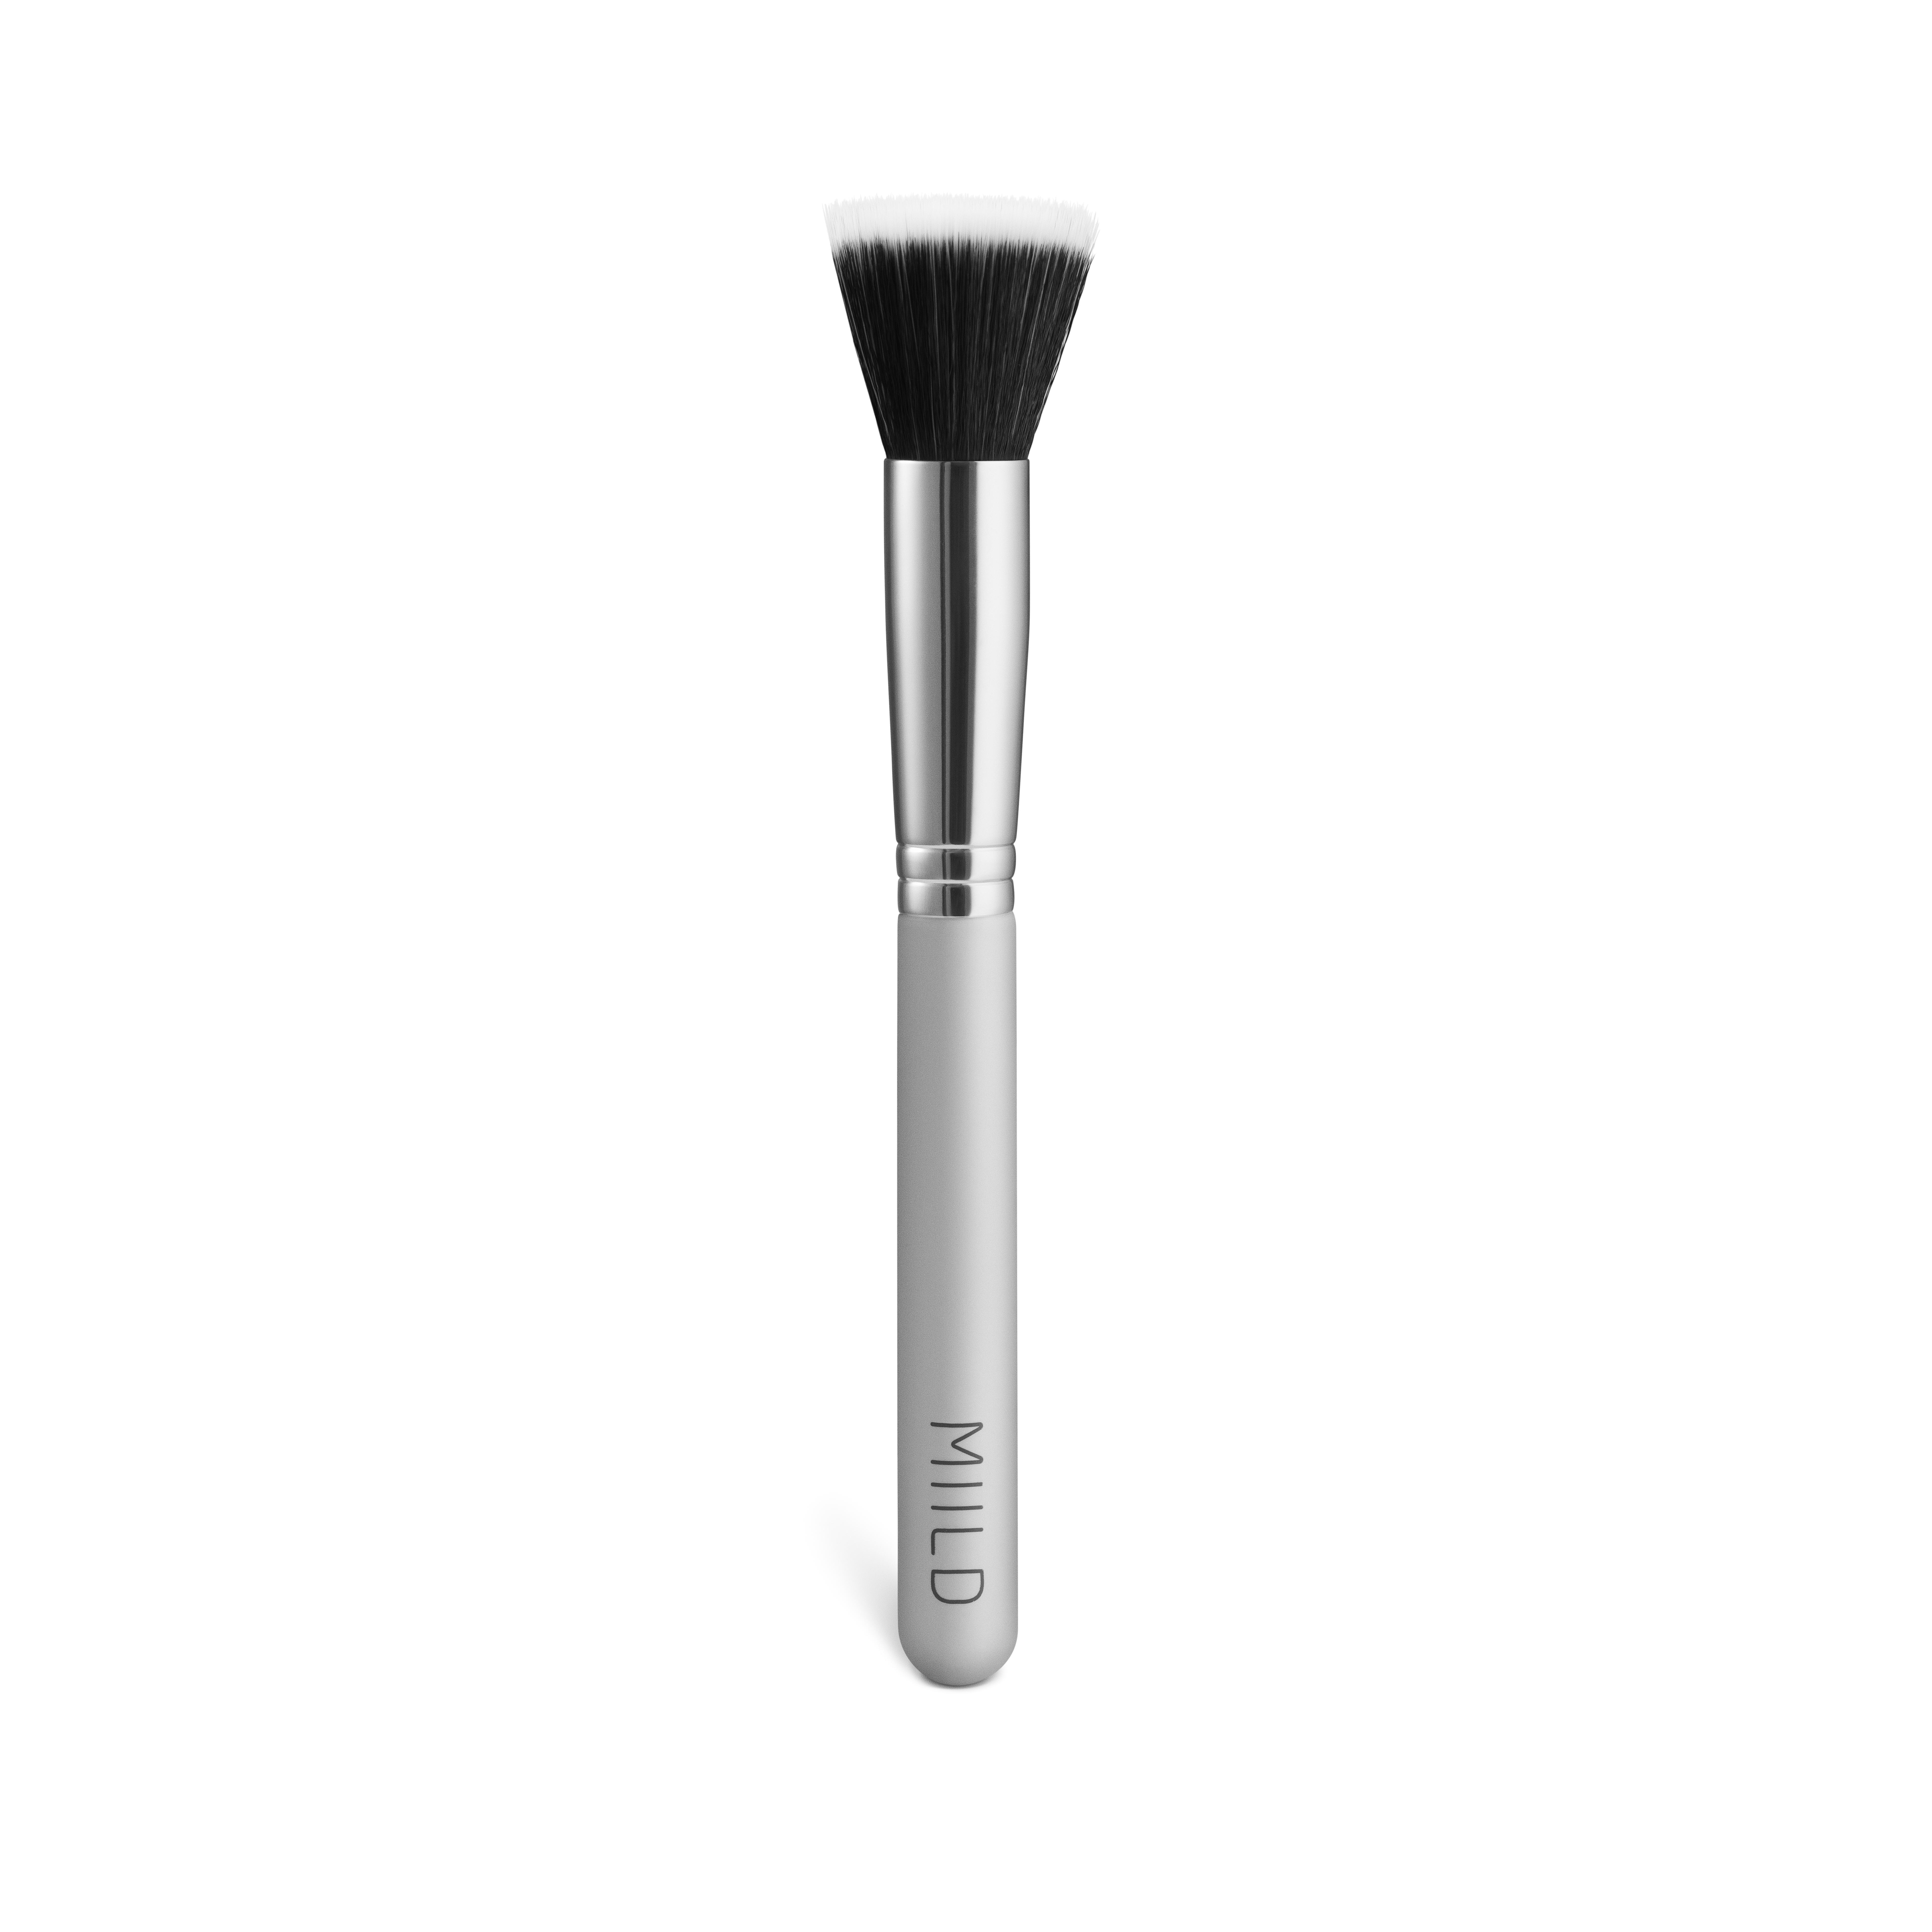 Miild Skin Blender Brush